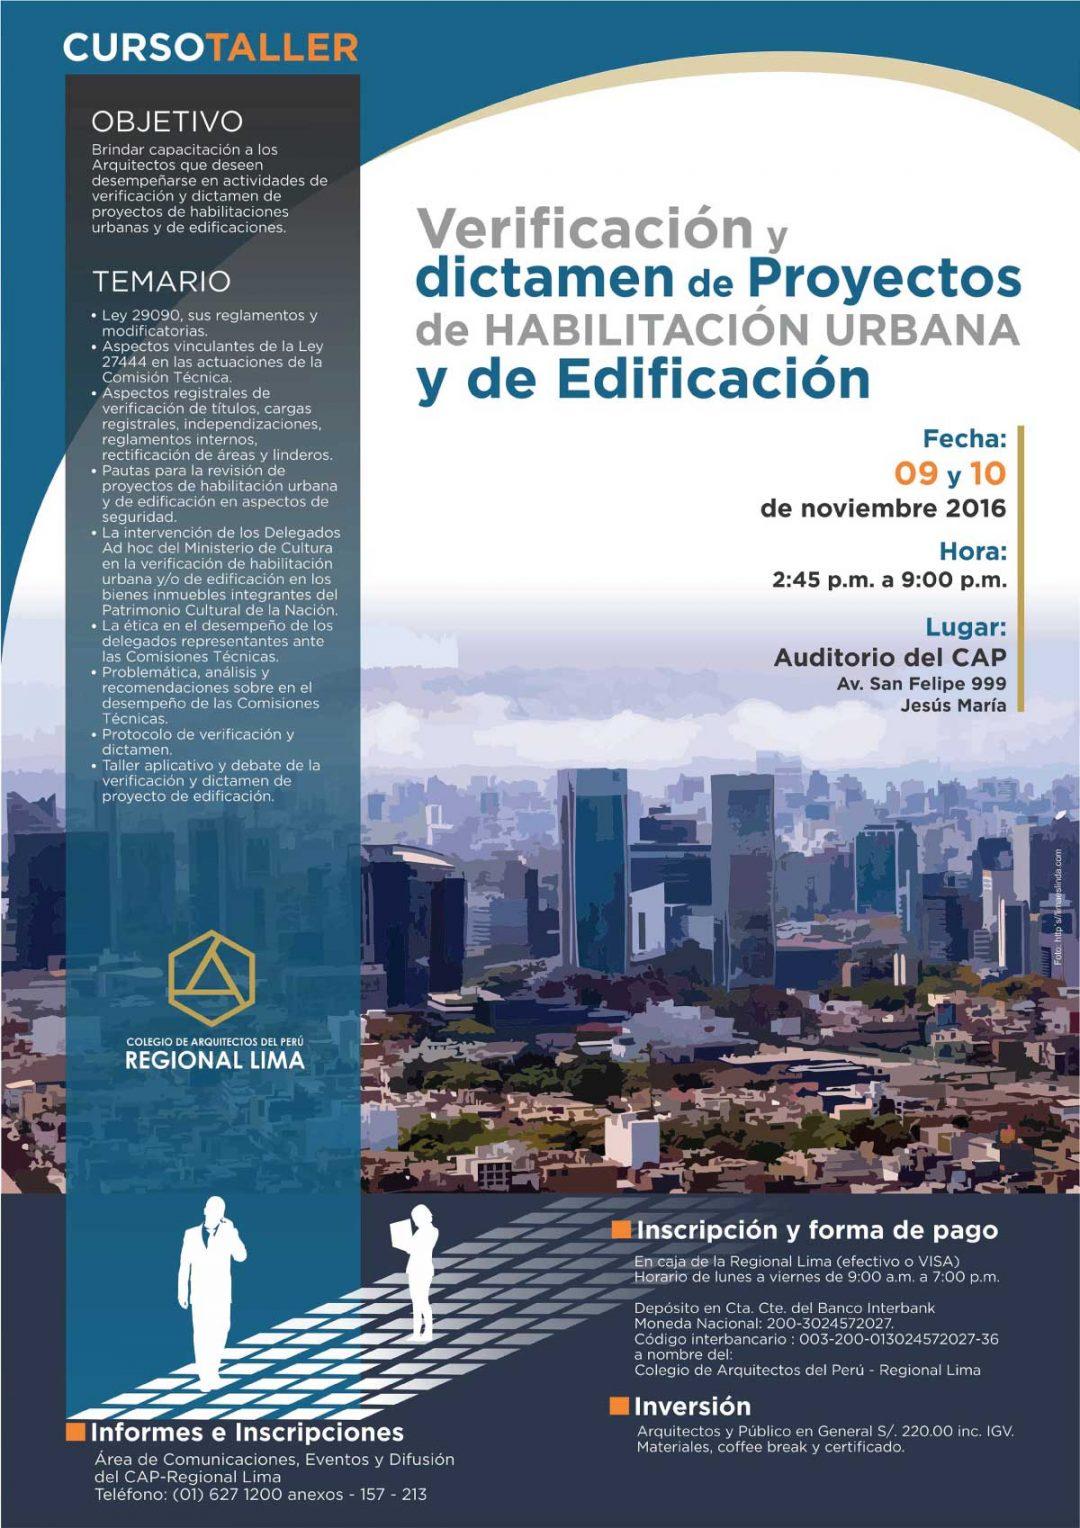 Verificación y dictamen de Proyectos de Habilitación Urbana y de Edificación